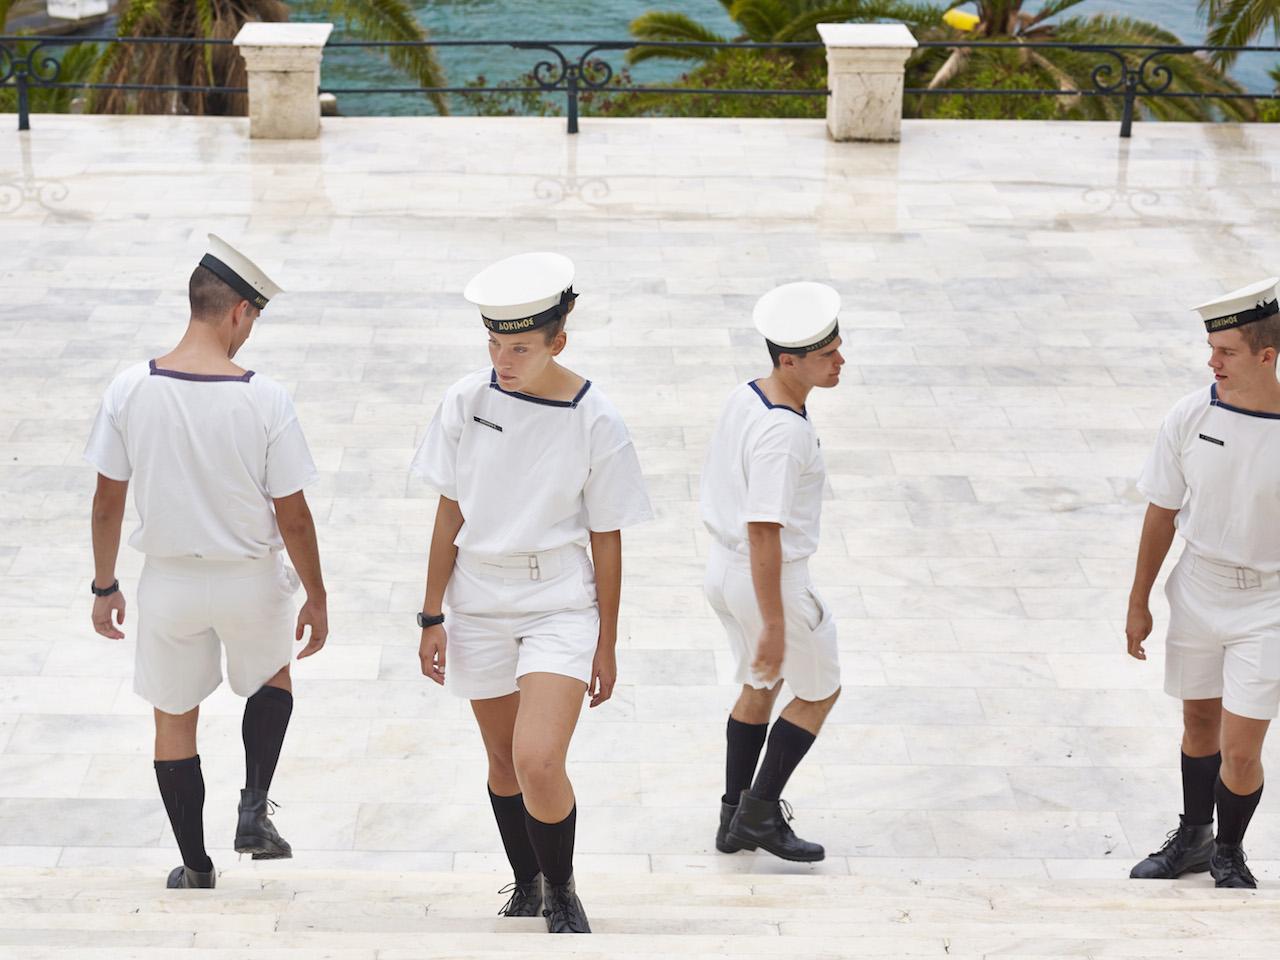 Accademia Navale Ellenica, Pireo Grecia - Cadetti di Paolo Verzone.